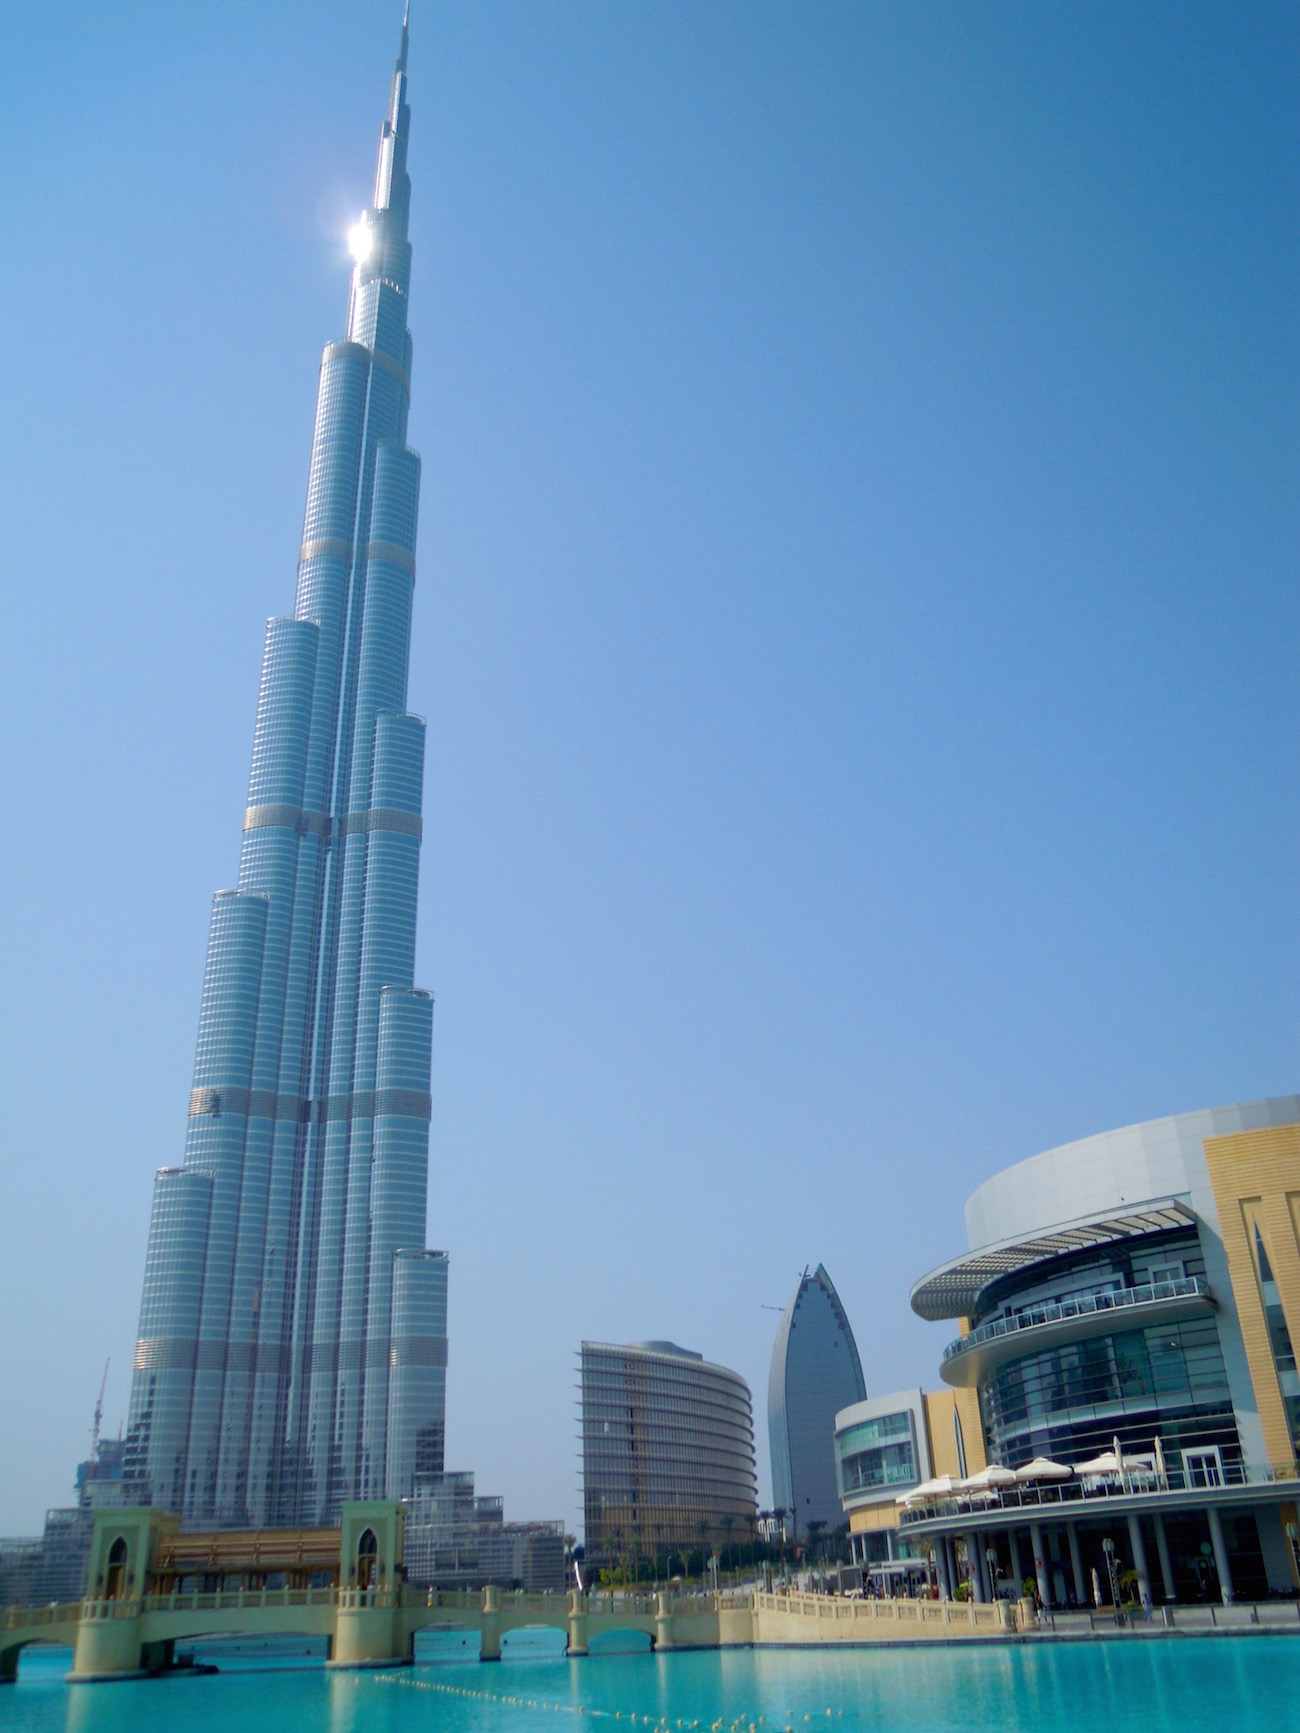 Sollten Gays nach Dubai reisen? Dubai Mall und Burj Khalifa